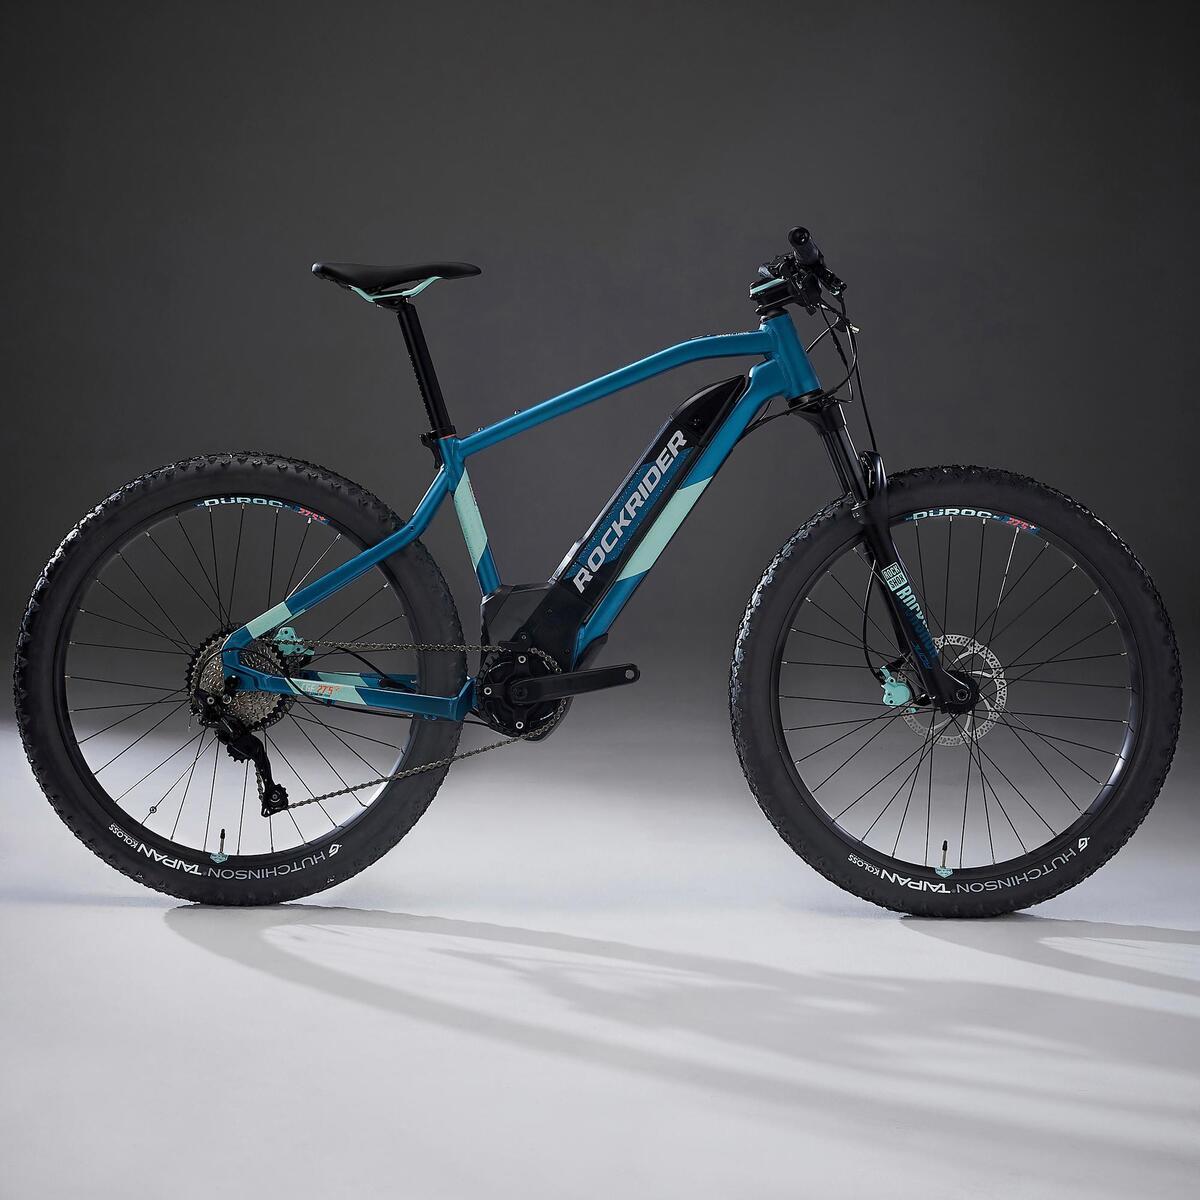 Bild 2 von E-Mountainbike 27,5 Zoll Rockrider E-ST900 Damen türkis